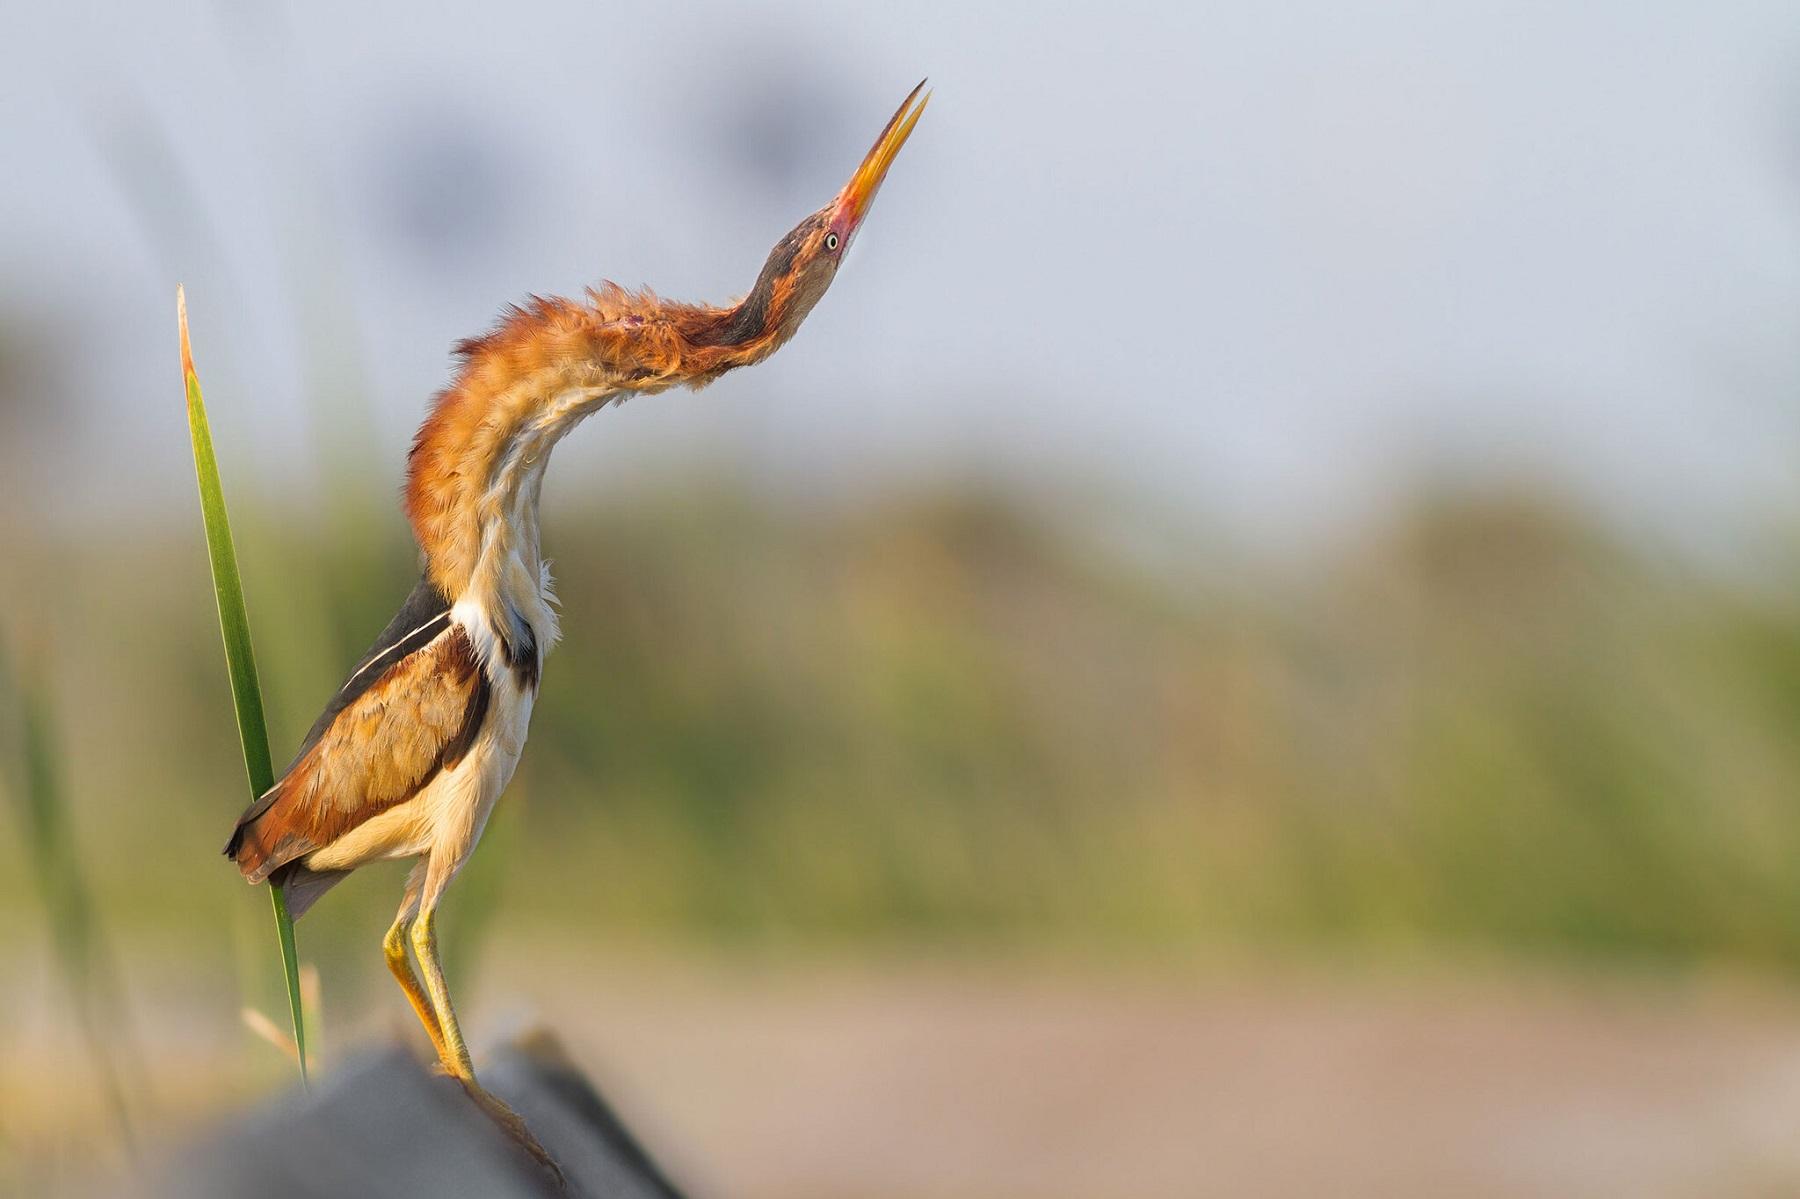 Fifteen bird photos that will make your heart sing